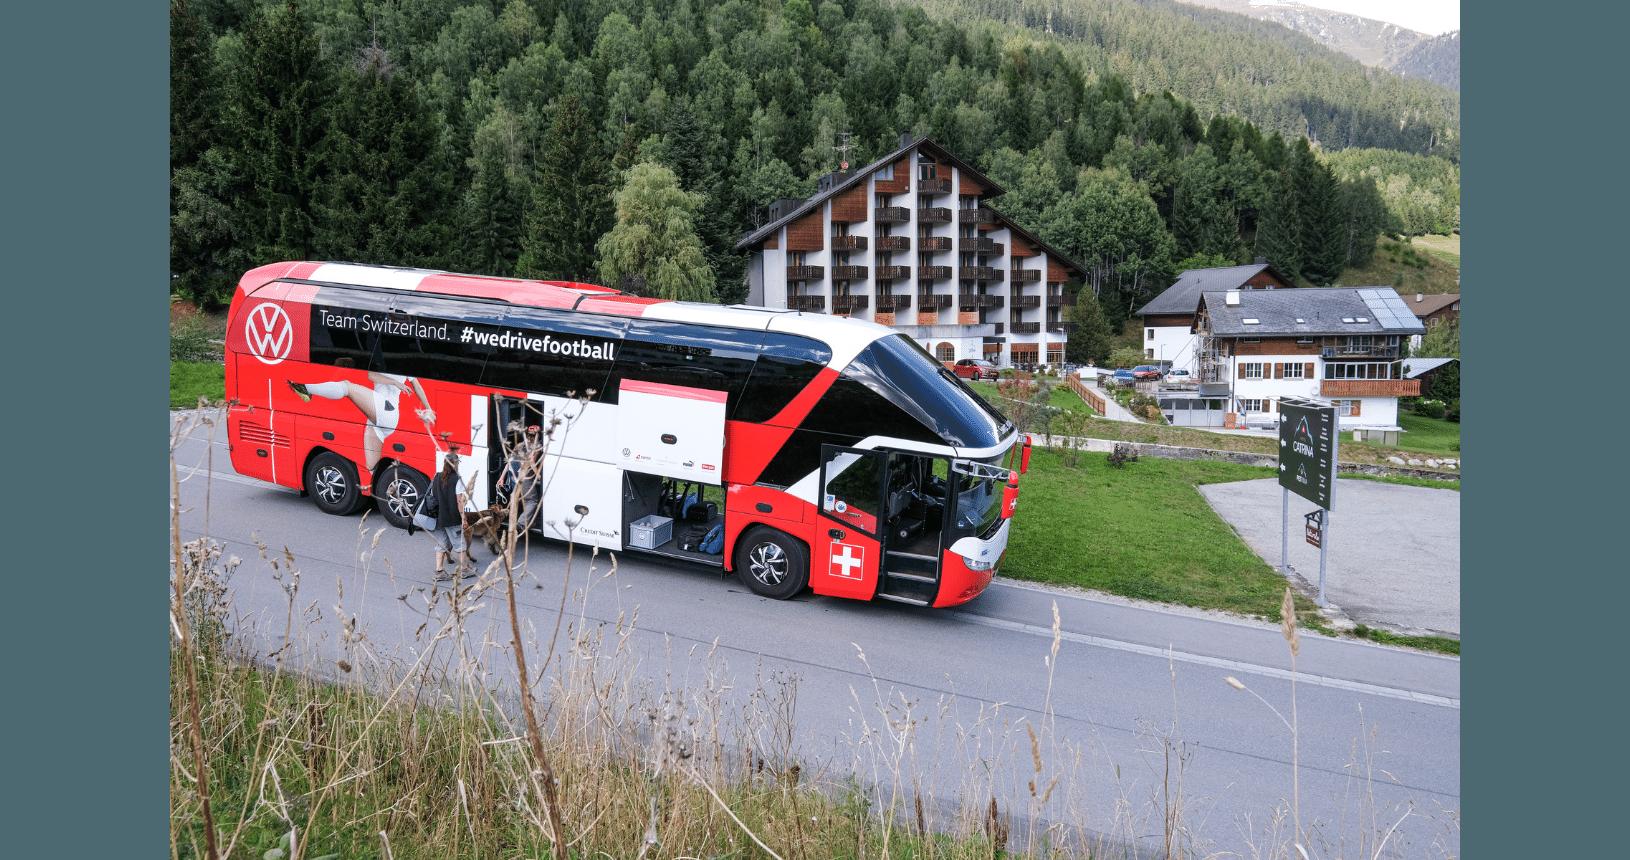 Hundereise Disentis Reisecar vor dem Hotel Petrina